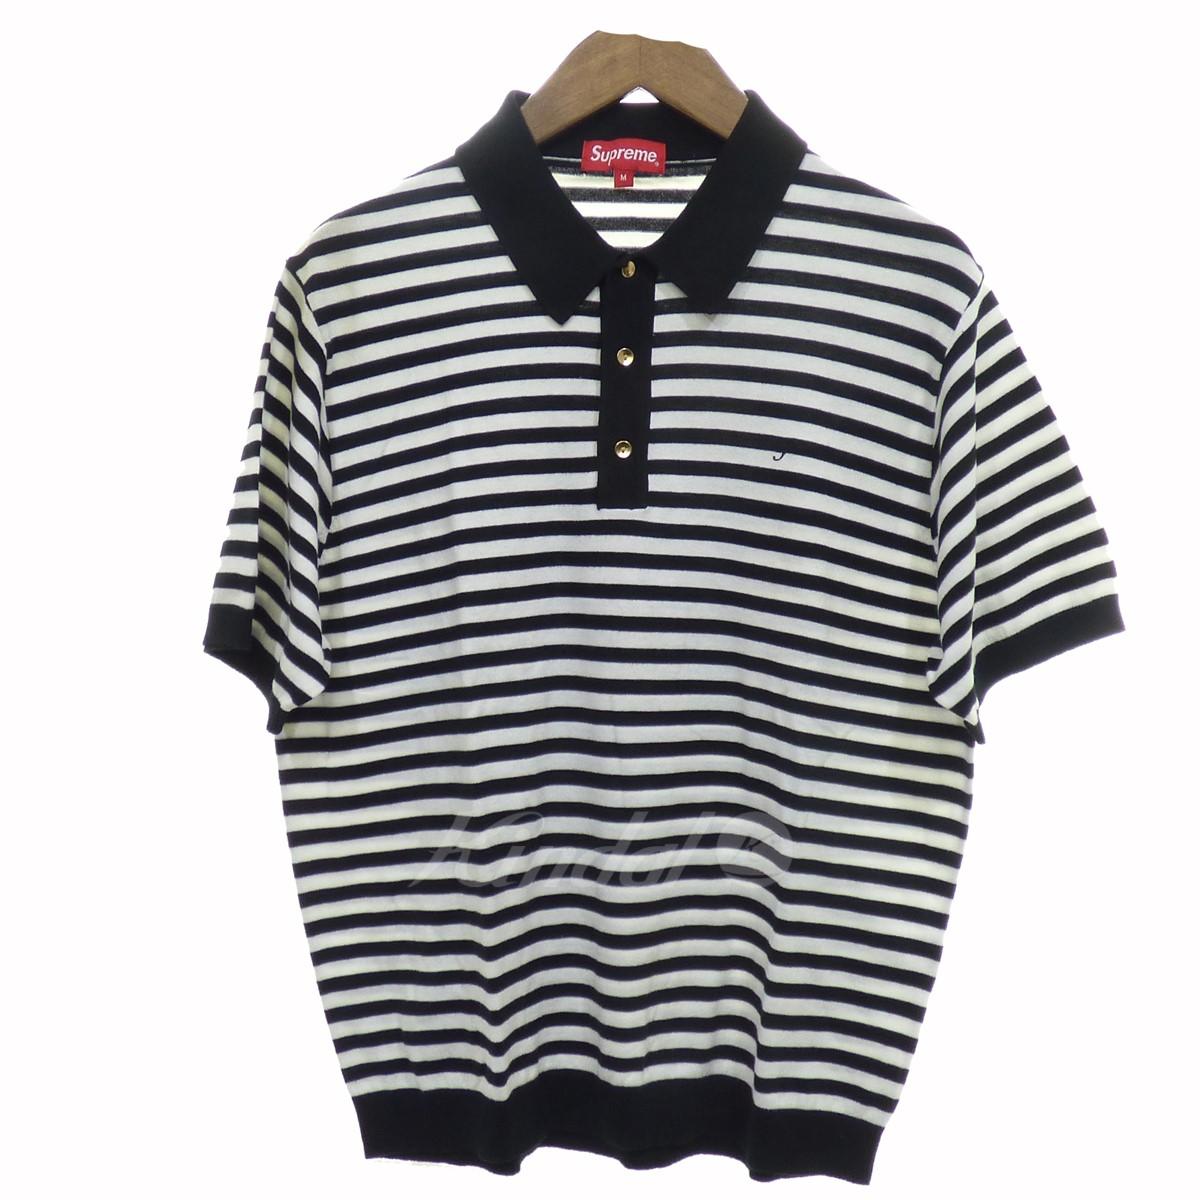 8aebb7af0e SUPREME Striped Knit Polo white X black size: M (シュプリーム) ...